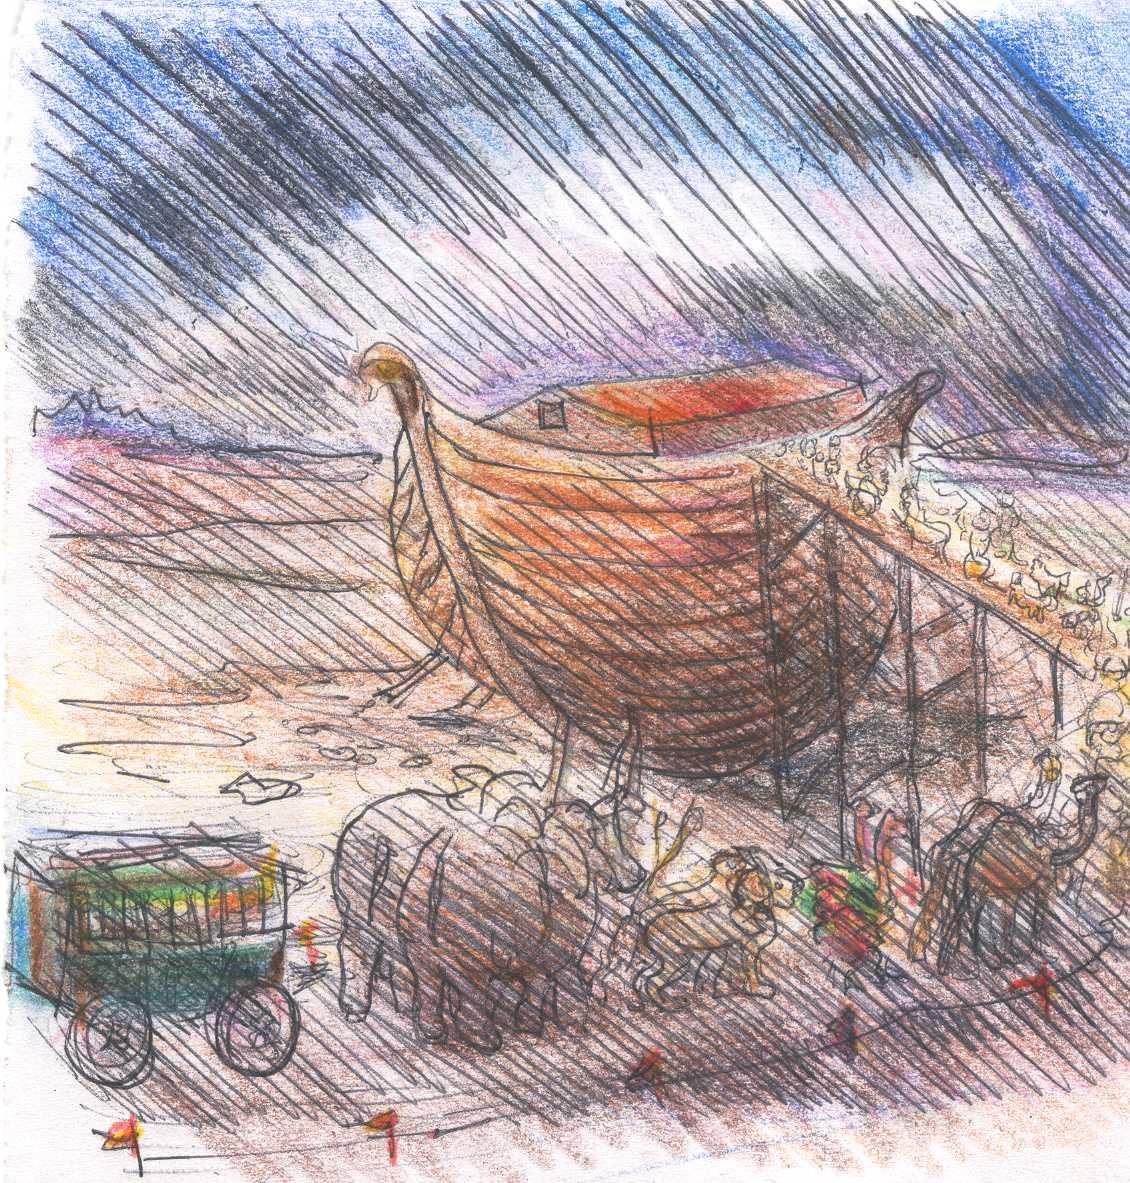 anagasto noah u0027s ark seen by marcel proust